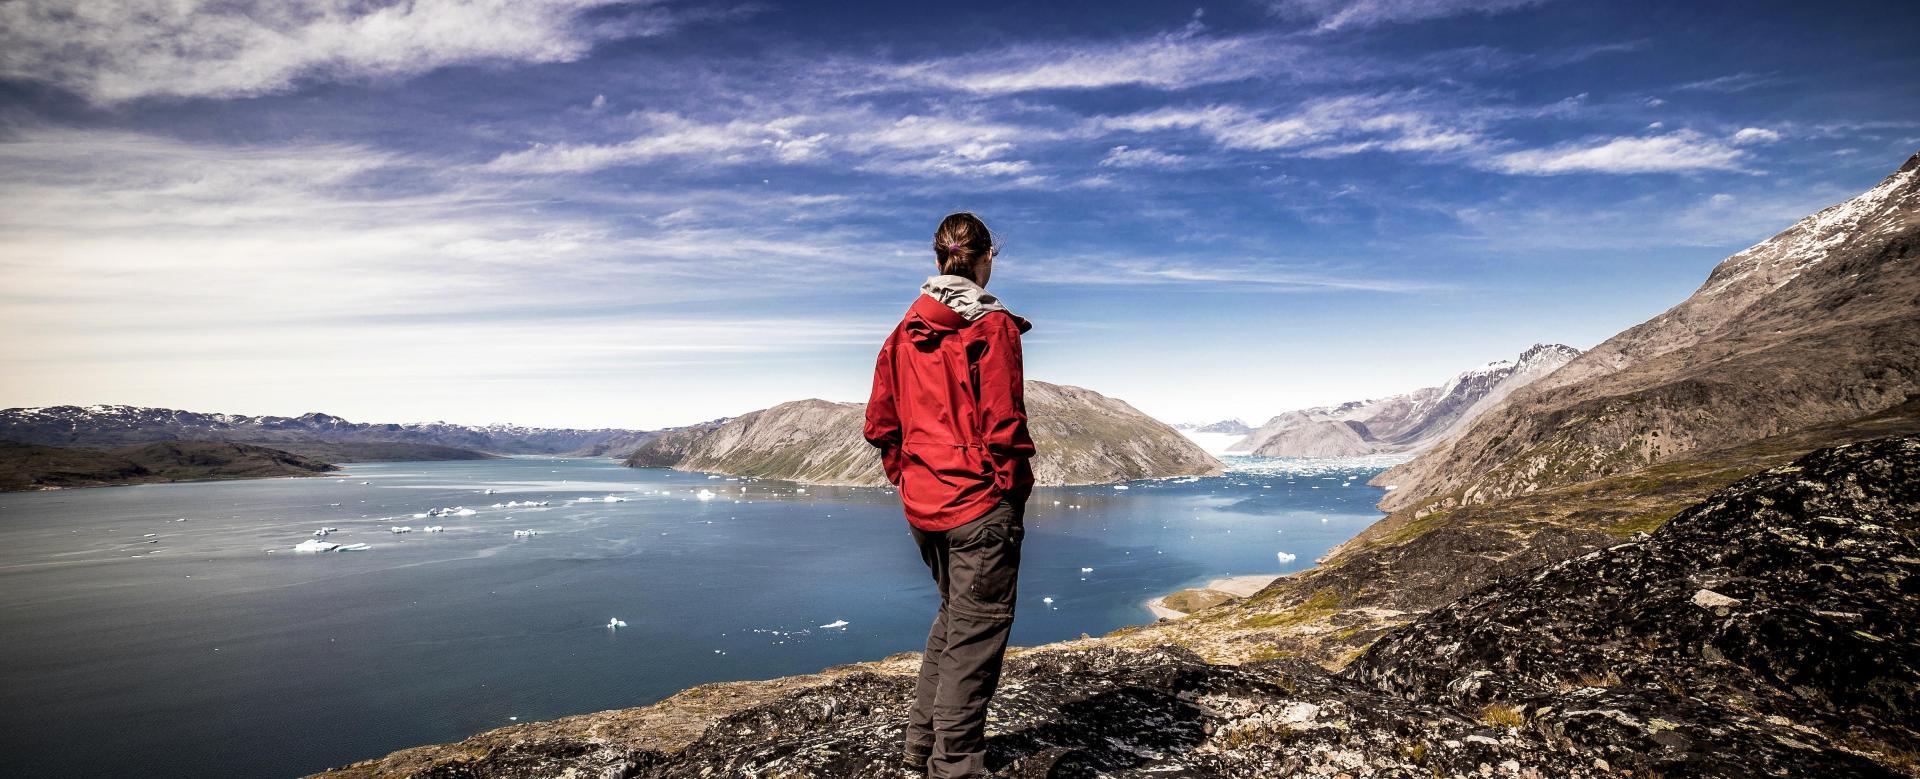 Voyage à pied : Fjords et villages du sud-groenland